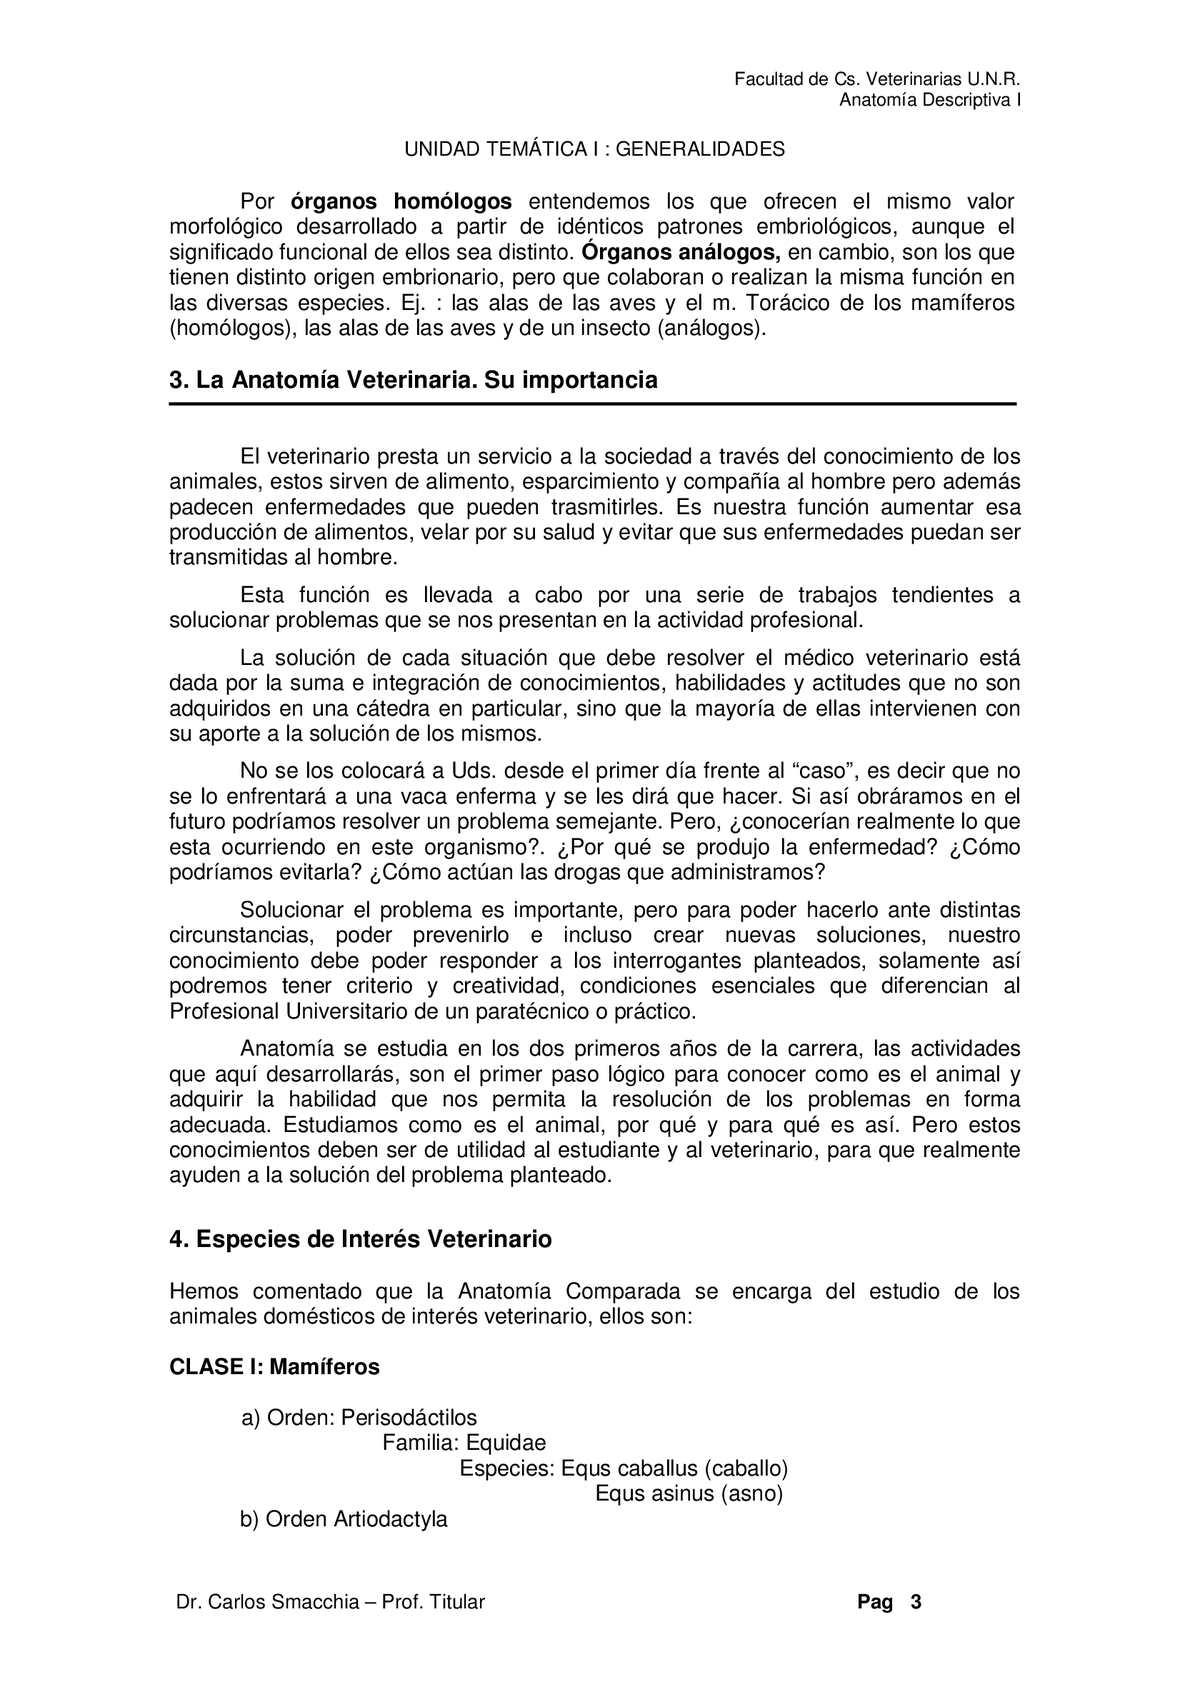 Unidad Temática I - Generalidades - CALAMEO Downloader